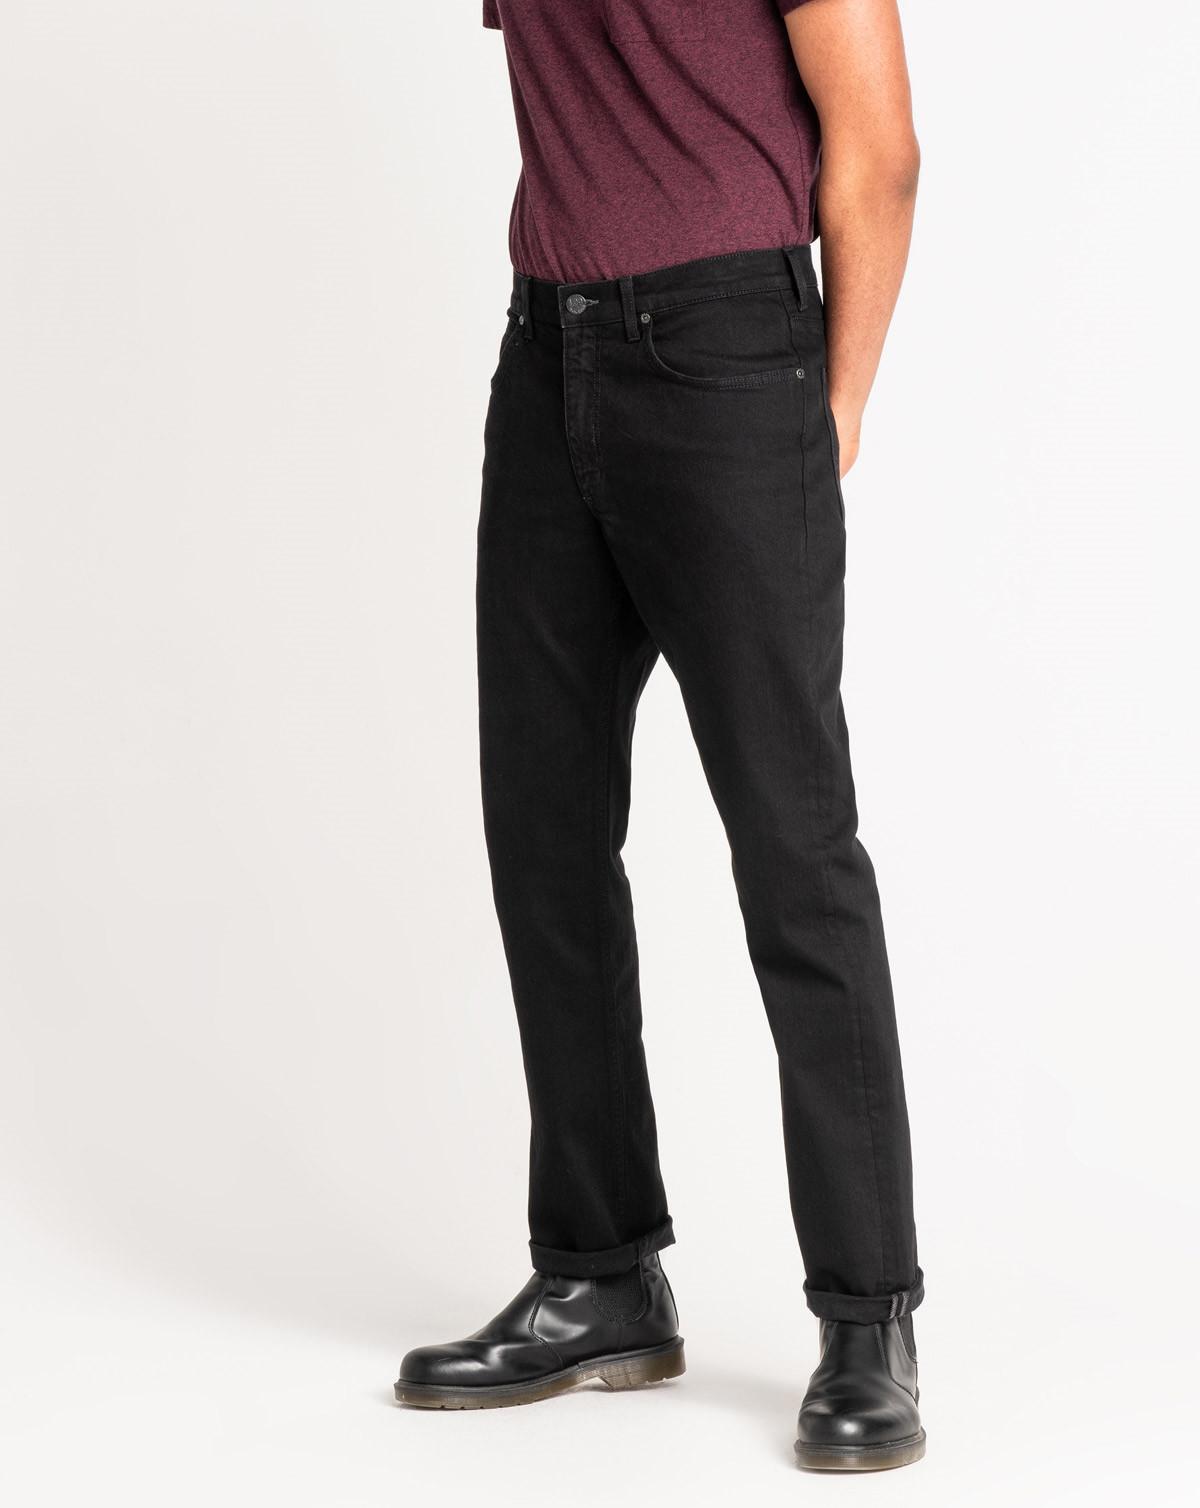 Køb Lee Brooklyn Straight Regular Jeans | Enkel Retur | ARMY STAR